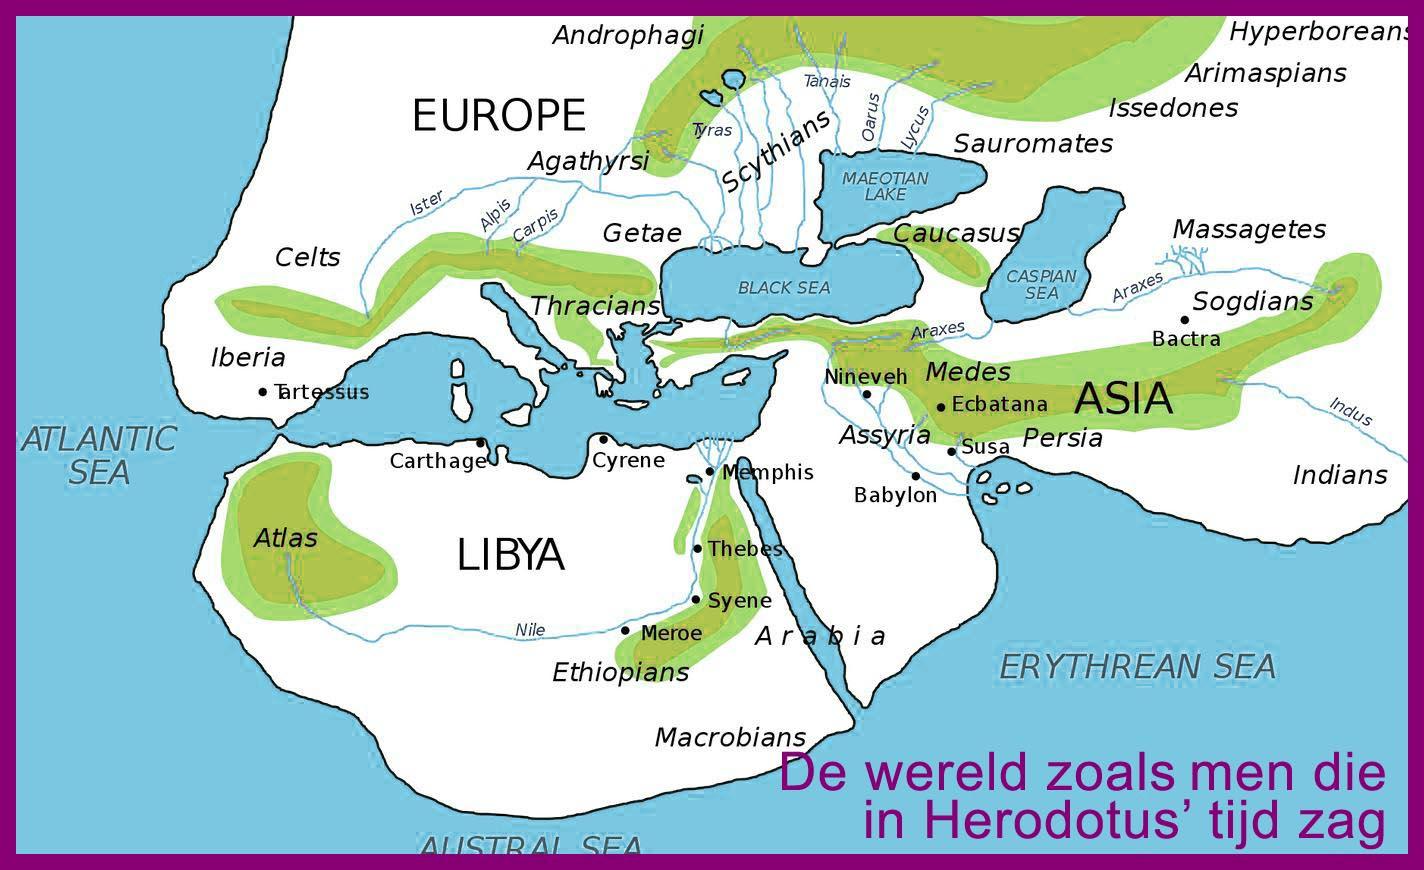 Landkaart uit Herodotus' tijd, de antieke wereld ten tijde van Herodotus